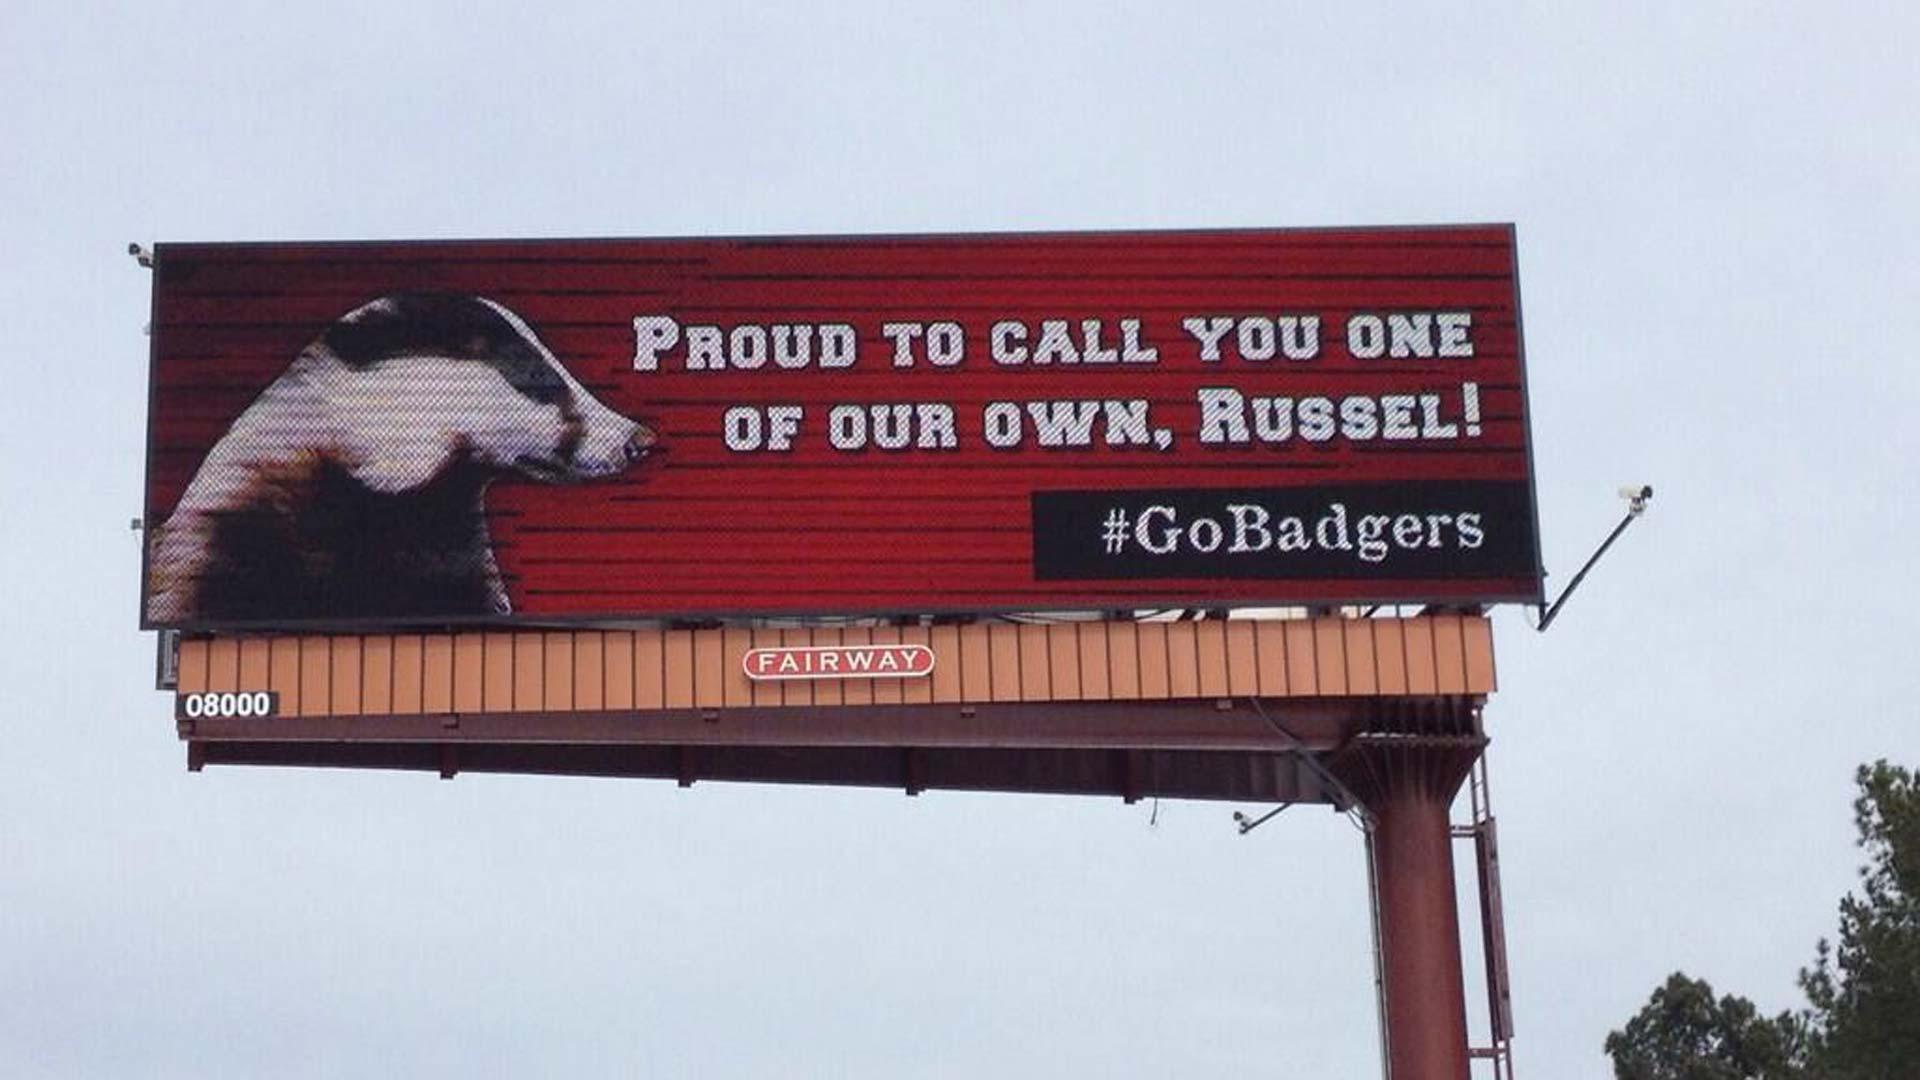 Russell-wilson-billboard-12914-twitter-ftr